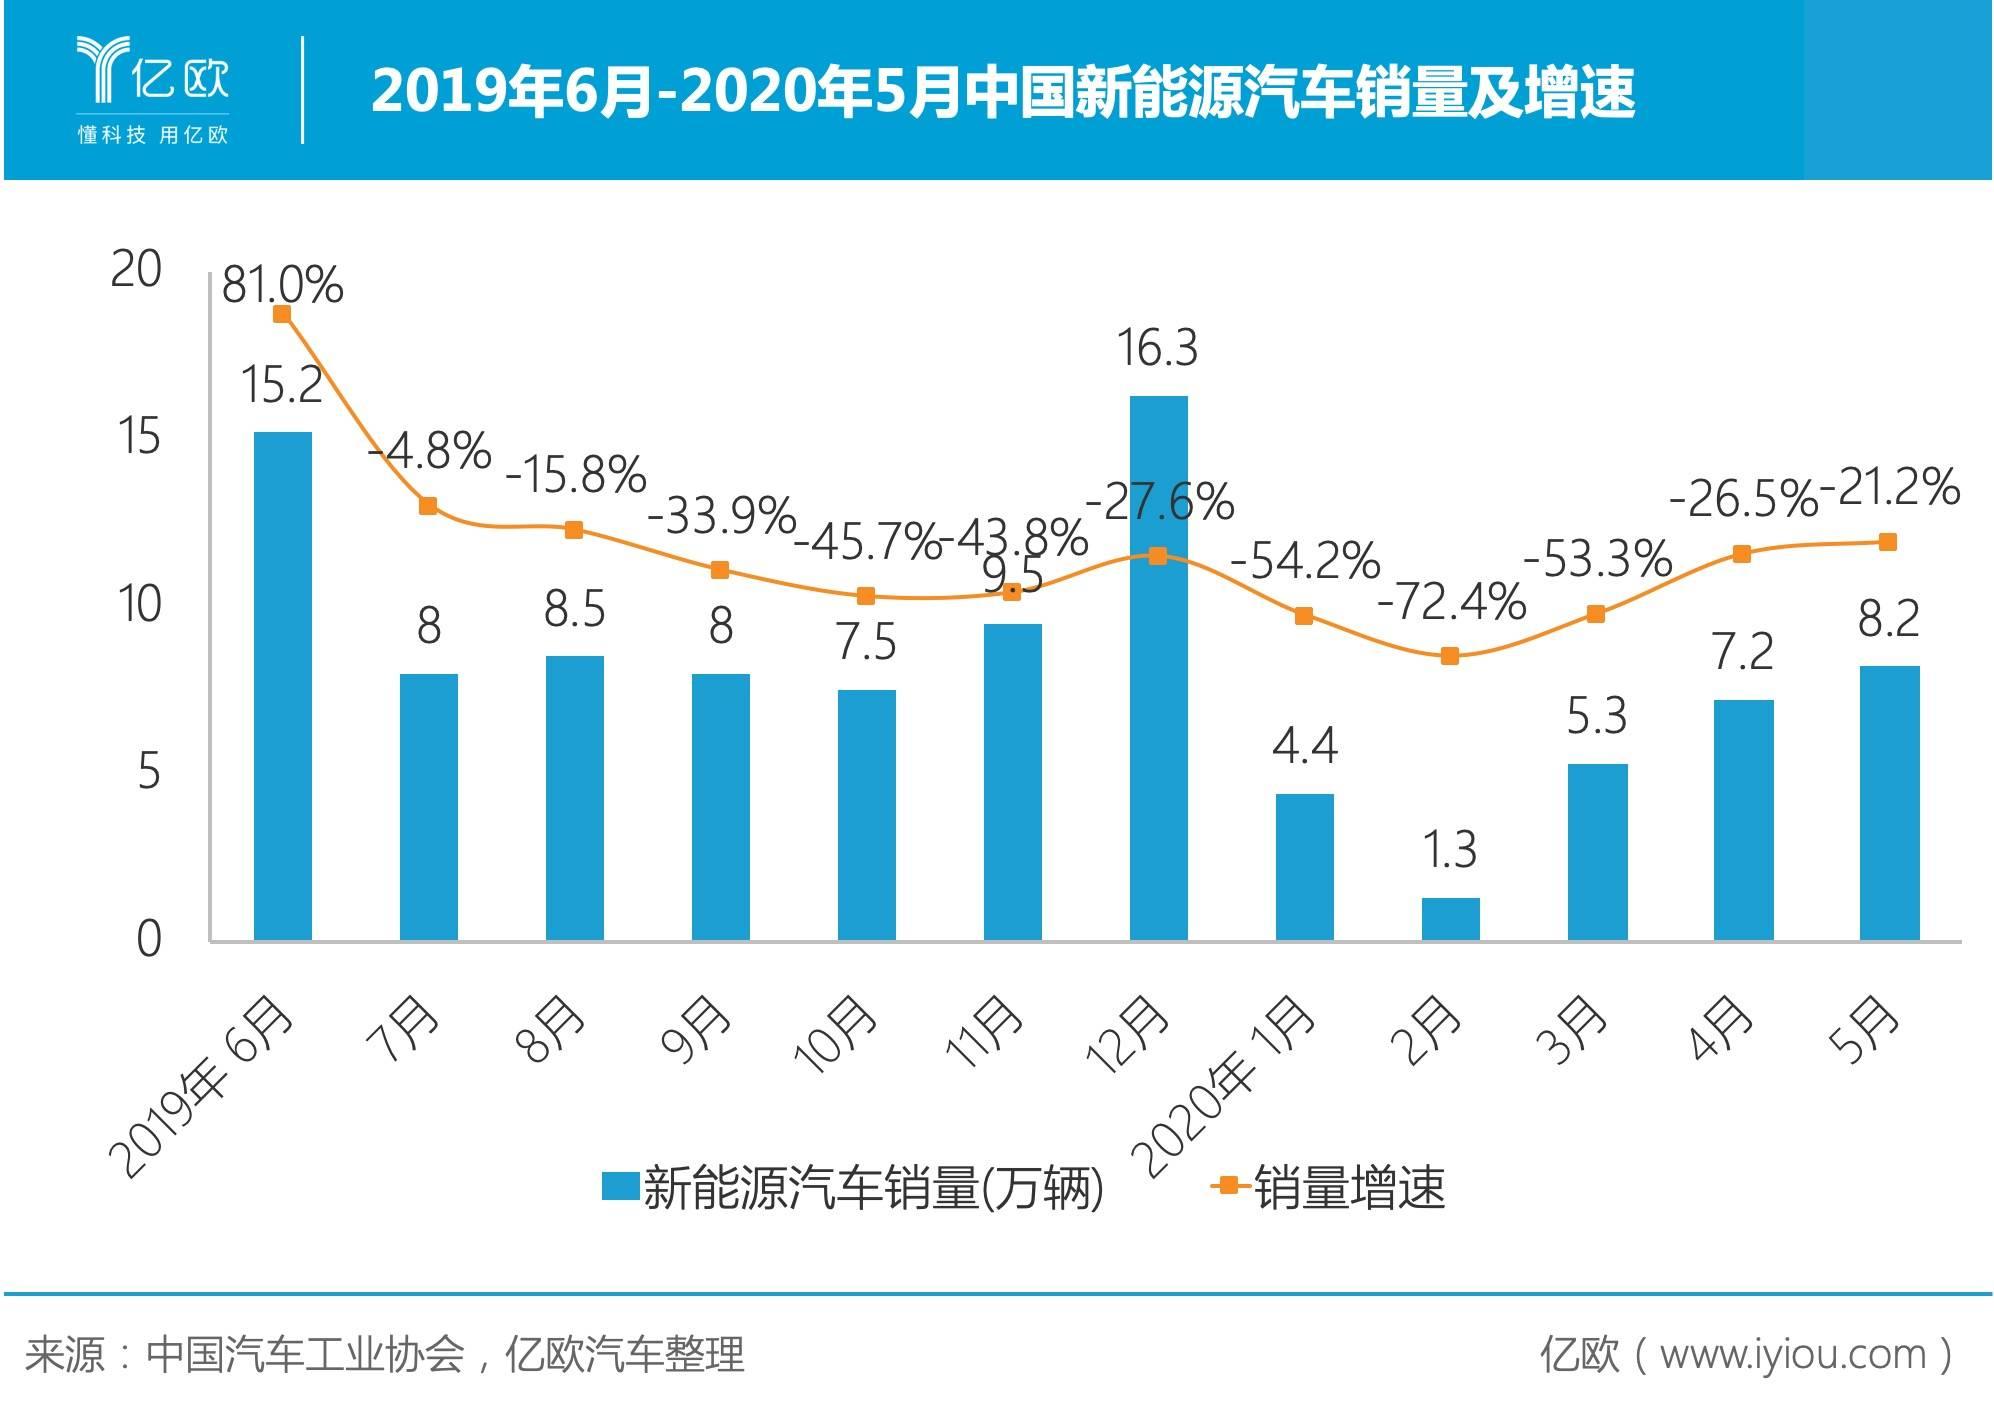 2019年6月-2020年5月新能源汽车销量